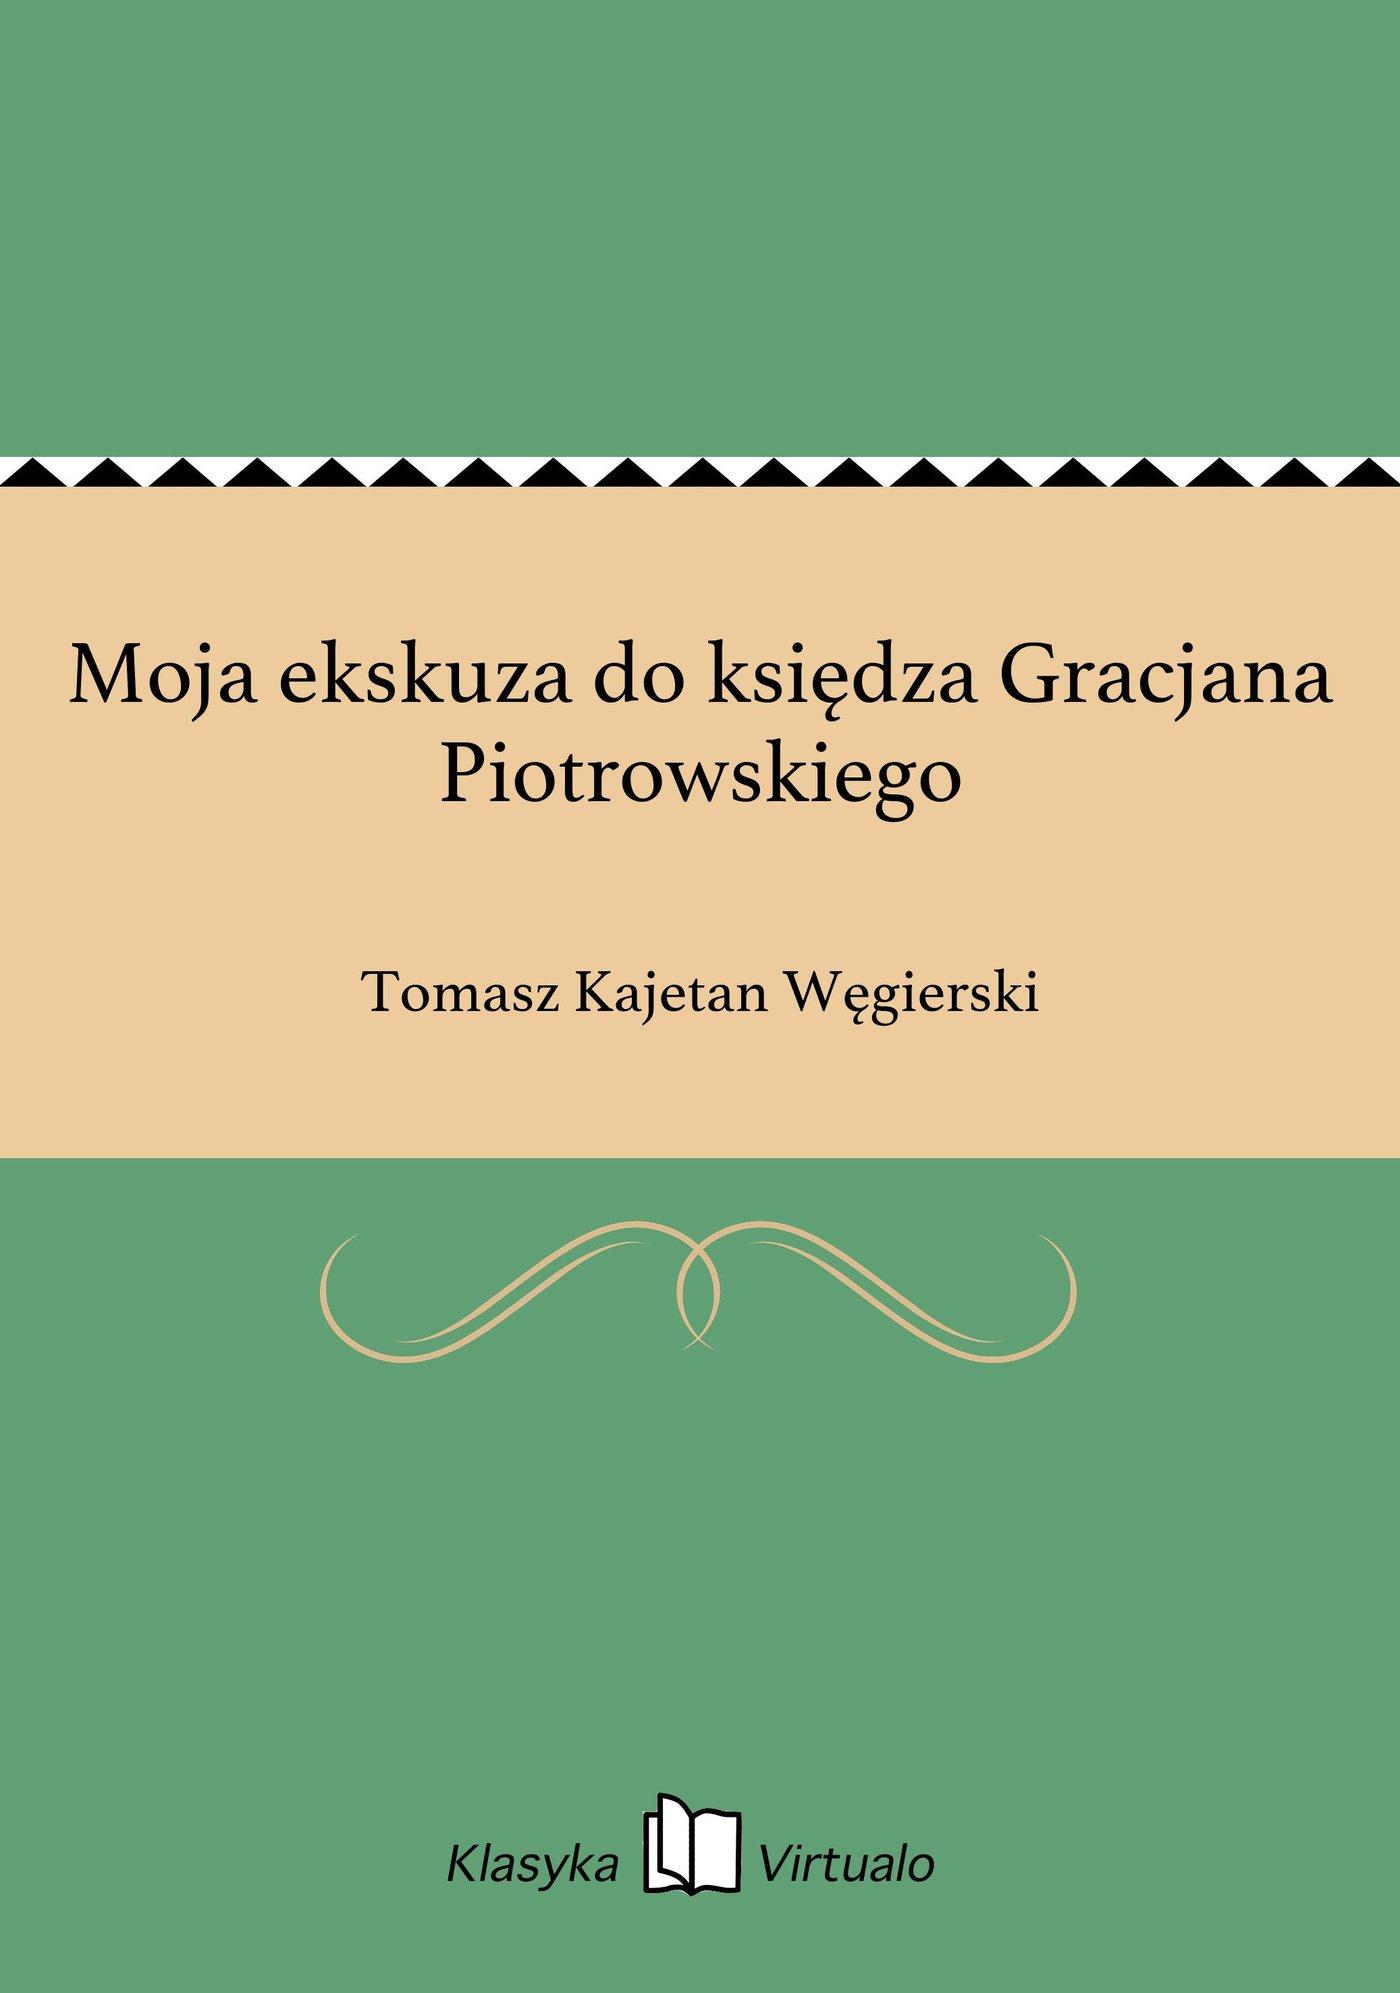 Moja ekskuza do księdza Gracjana Piotrowskiego - Ebook (Książka na Kindle) do pobrania w formacie MOBI